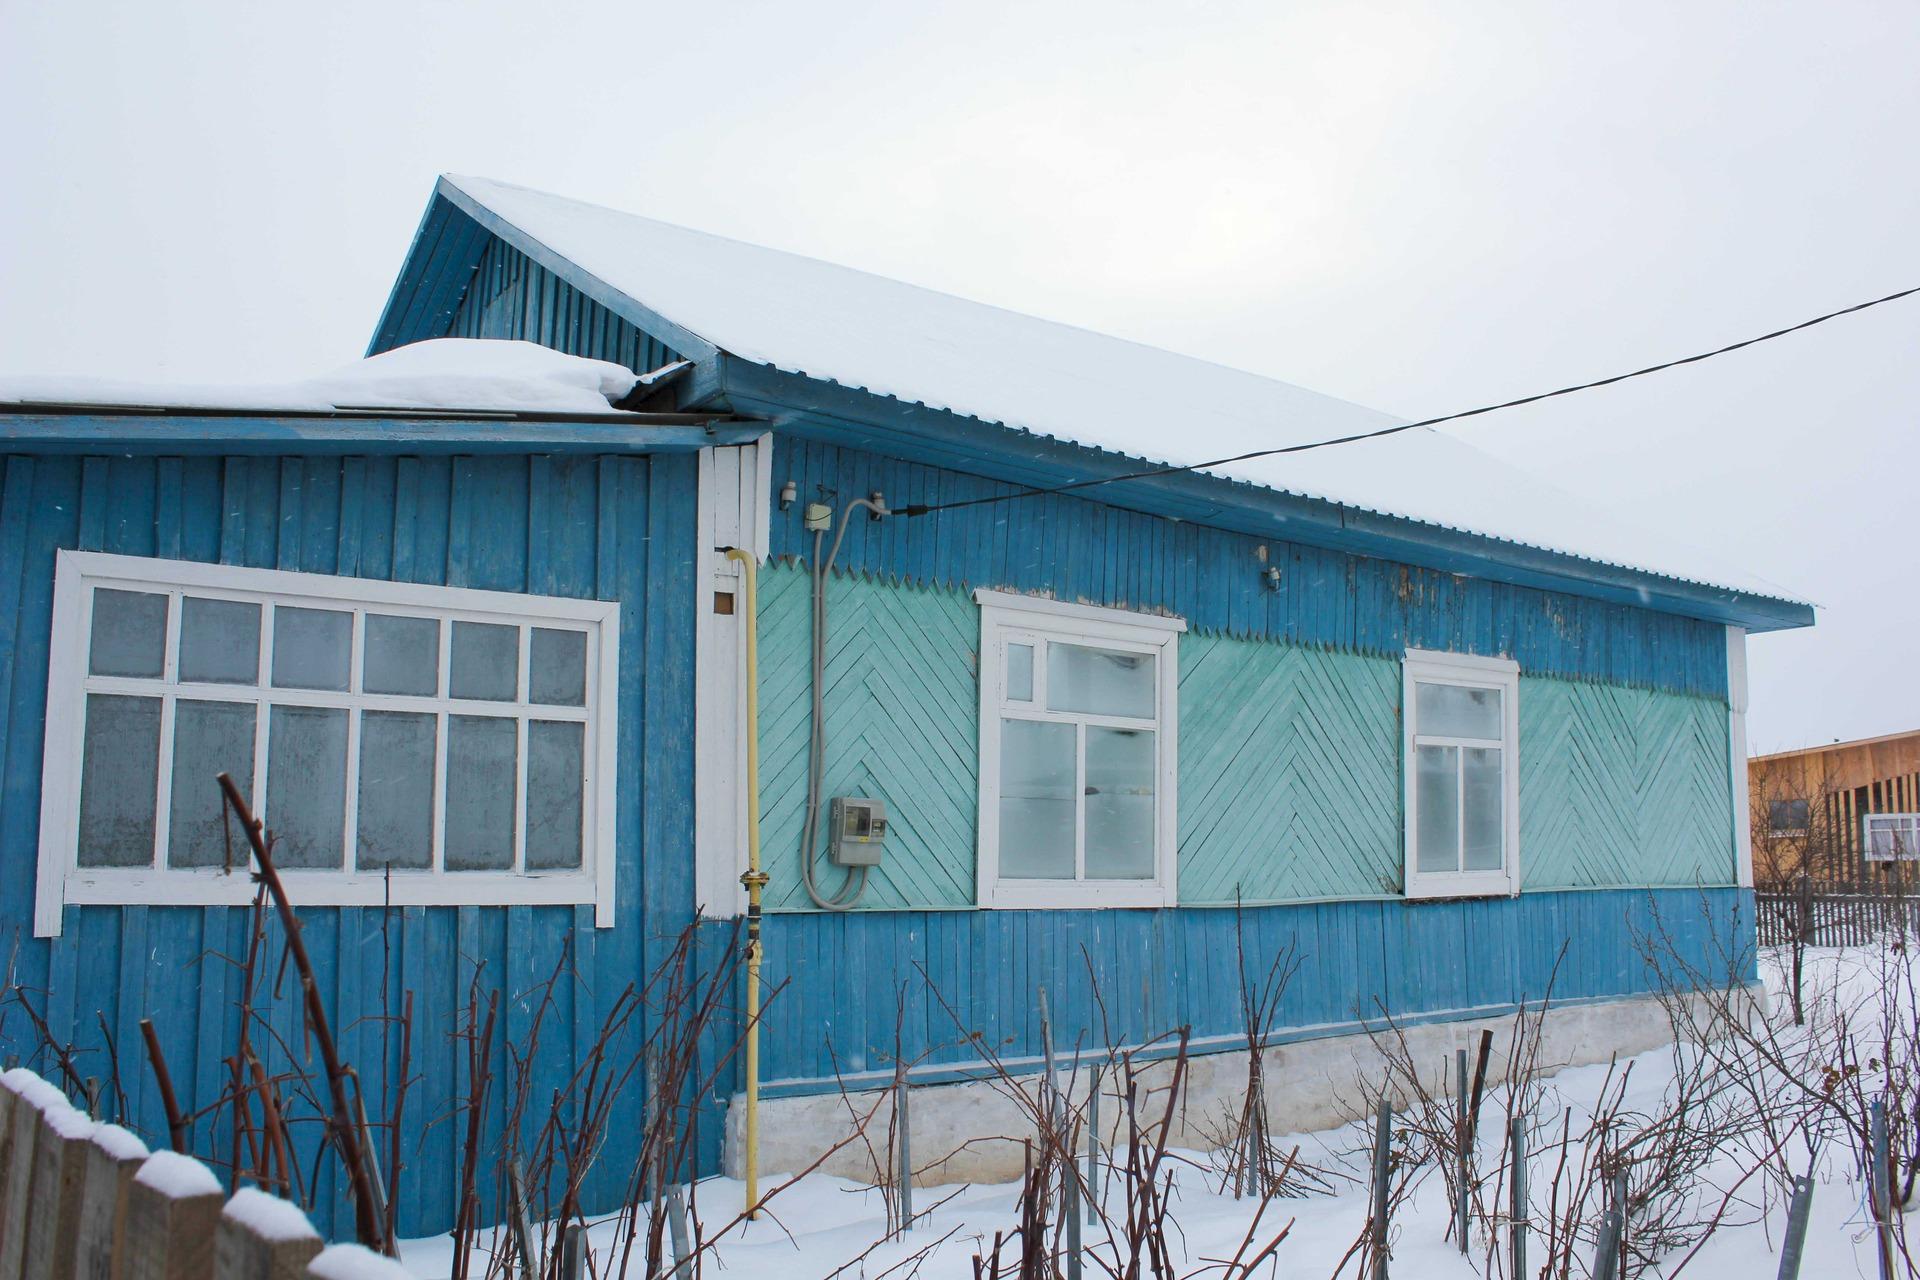 Частные объявления купля/продажа недвижимости форумов авто бесплатное объявление хабаровск